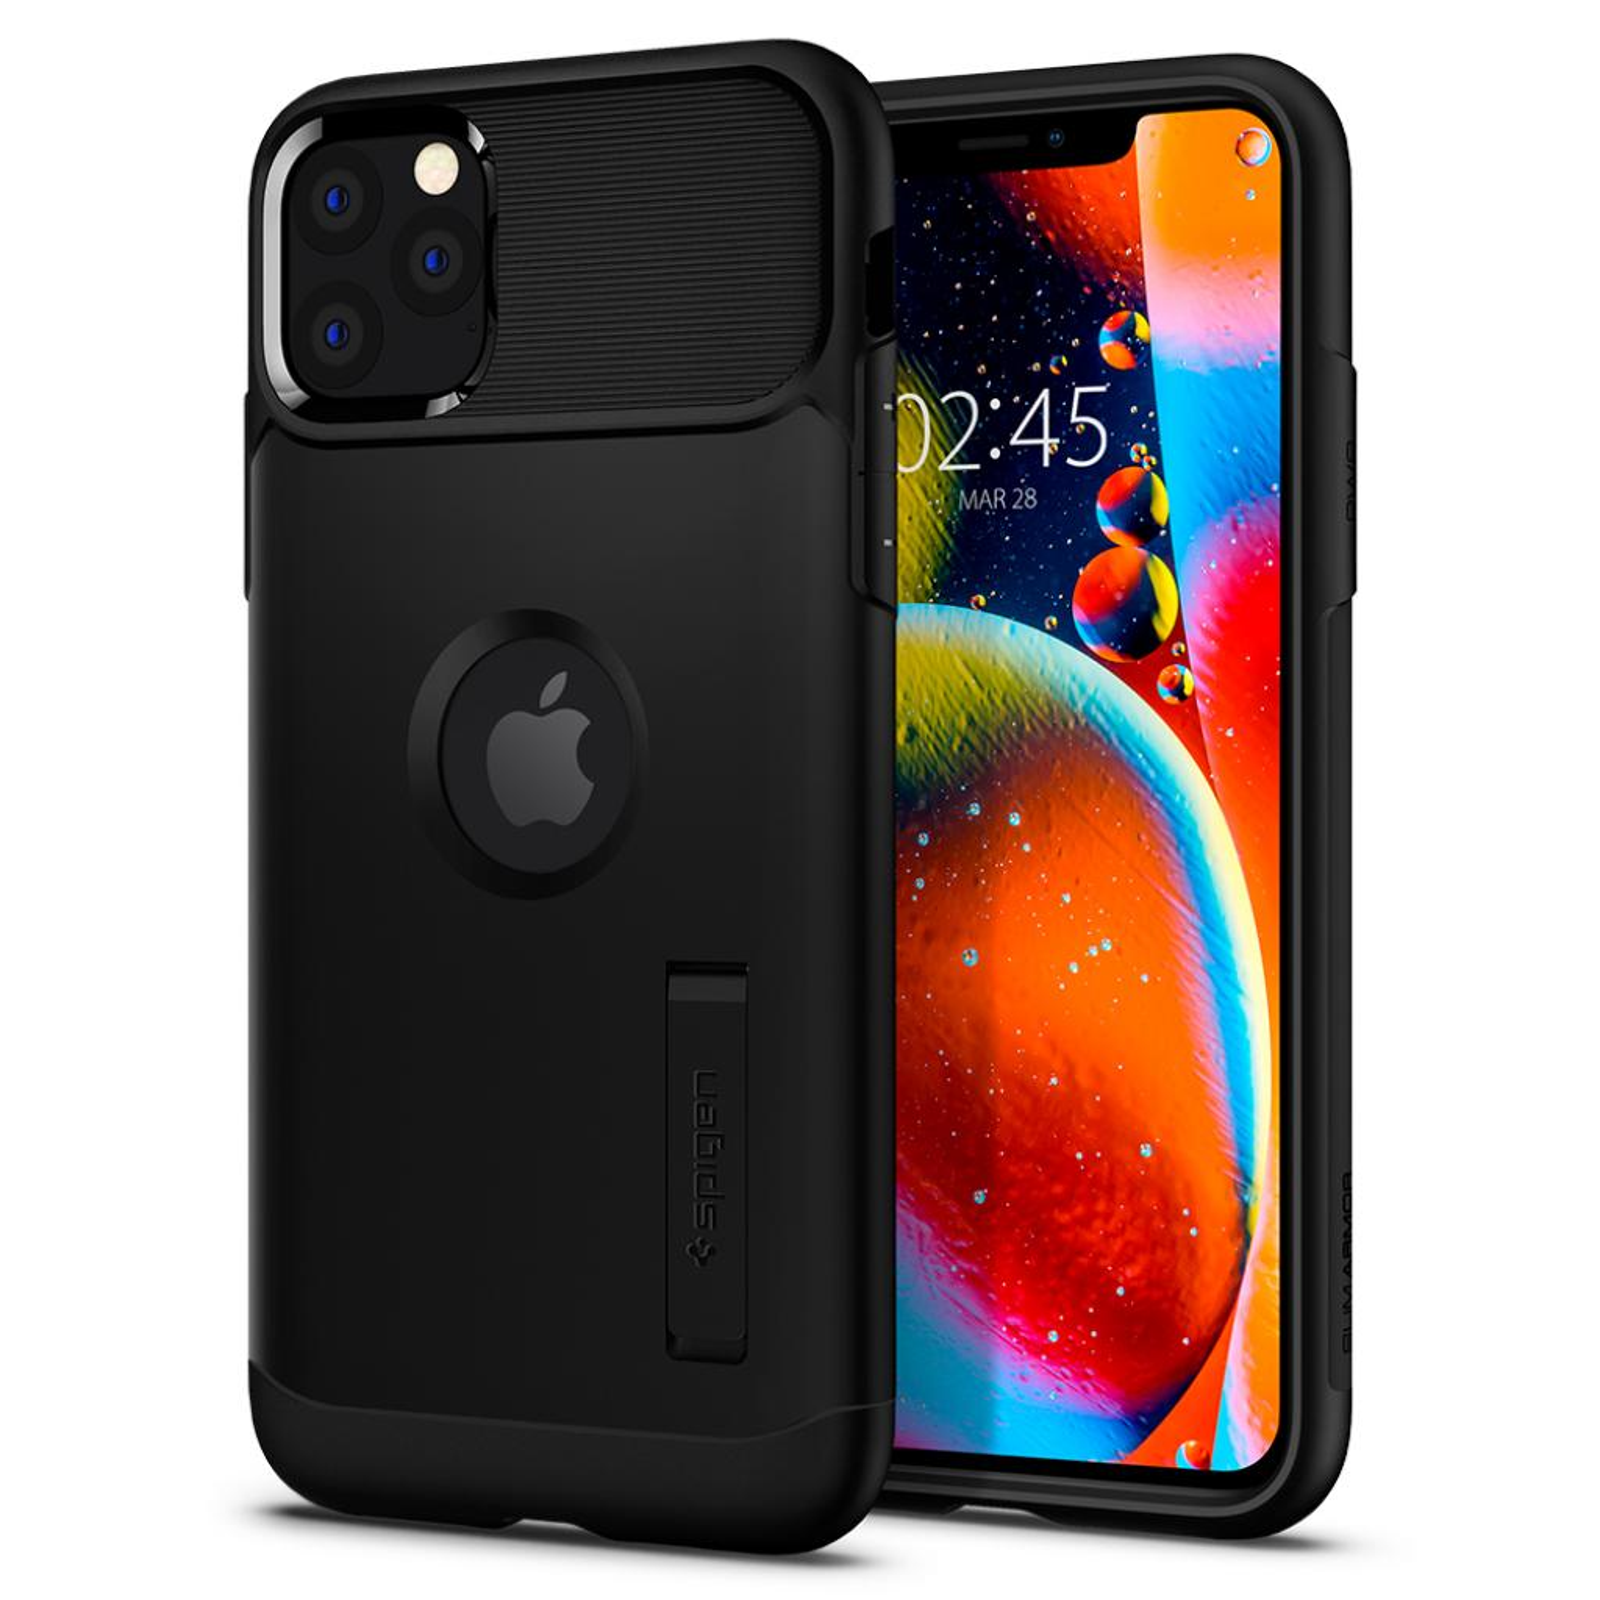 Чехол для моб. телефона Spigen iPhone 11 Pro Slim Armor, Black (077CS27099) изображение 2